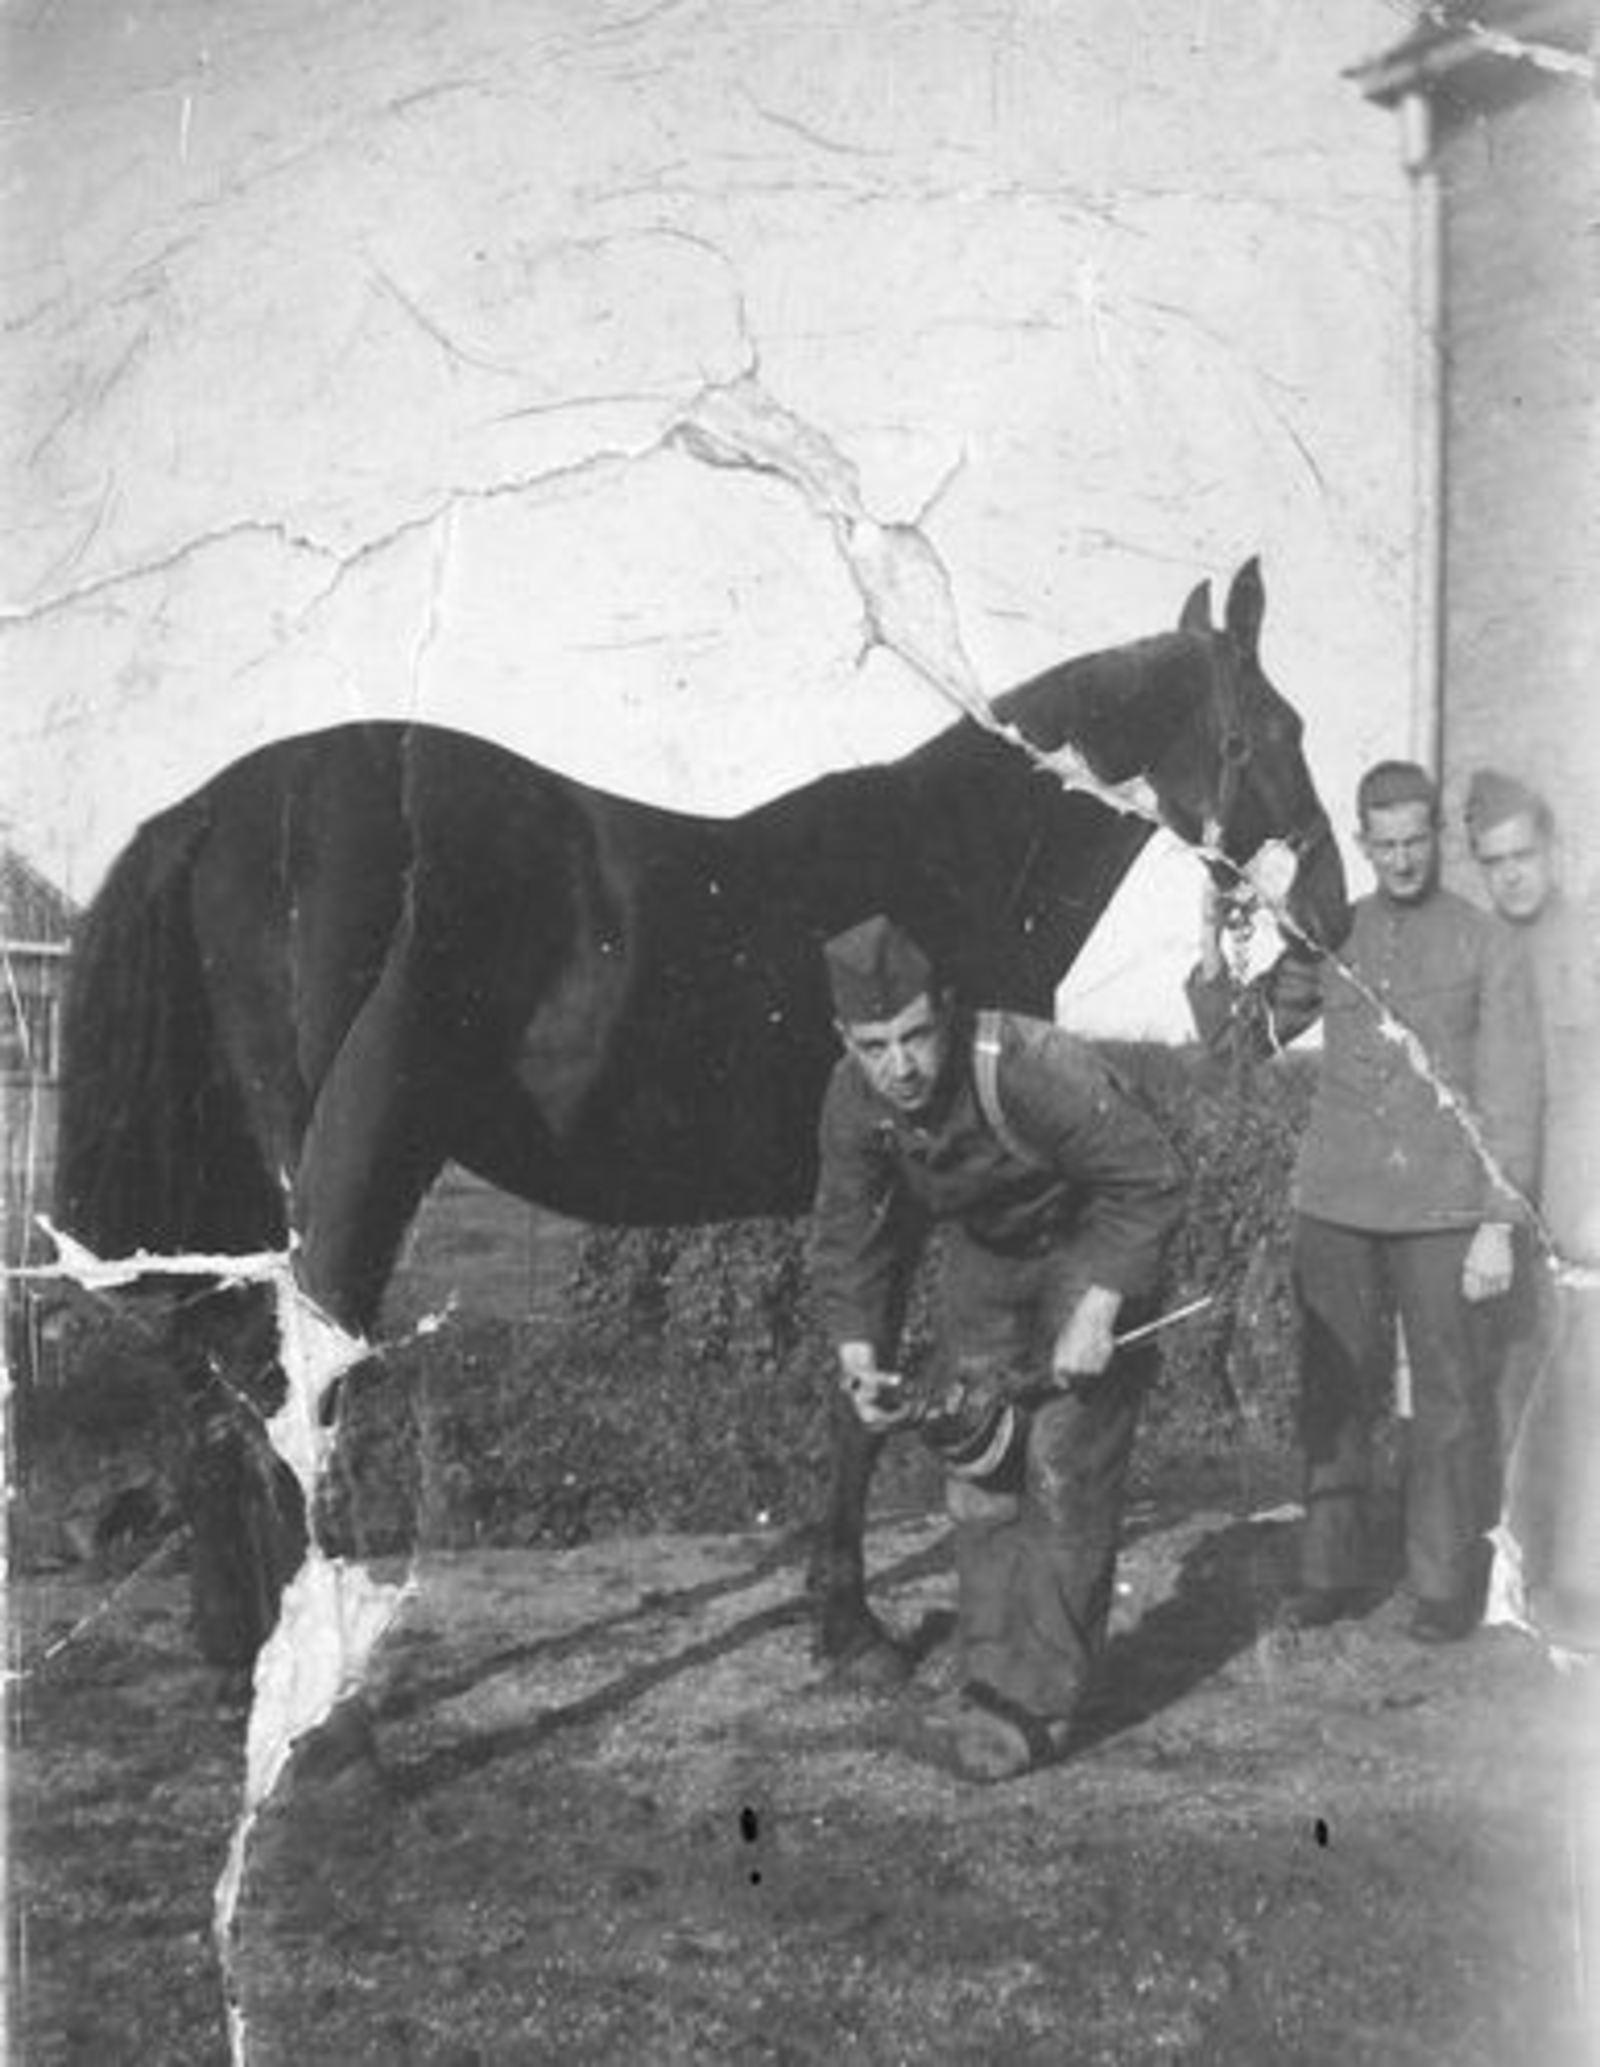 Schrama Piet 1909 19__ Soldaat bij Smederij H L Hendriks Onbekend 03